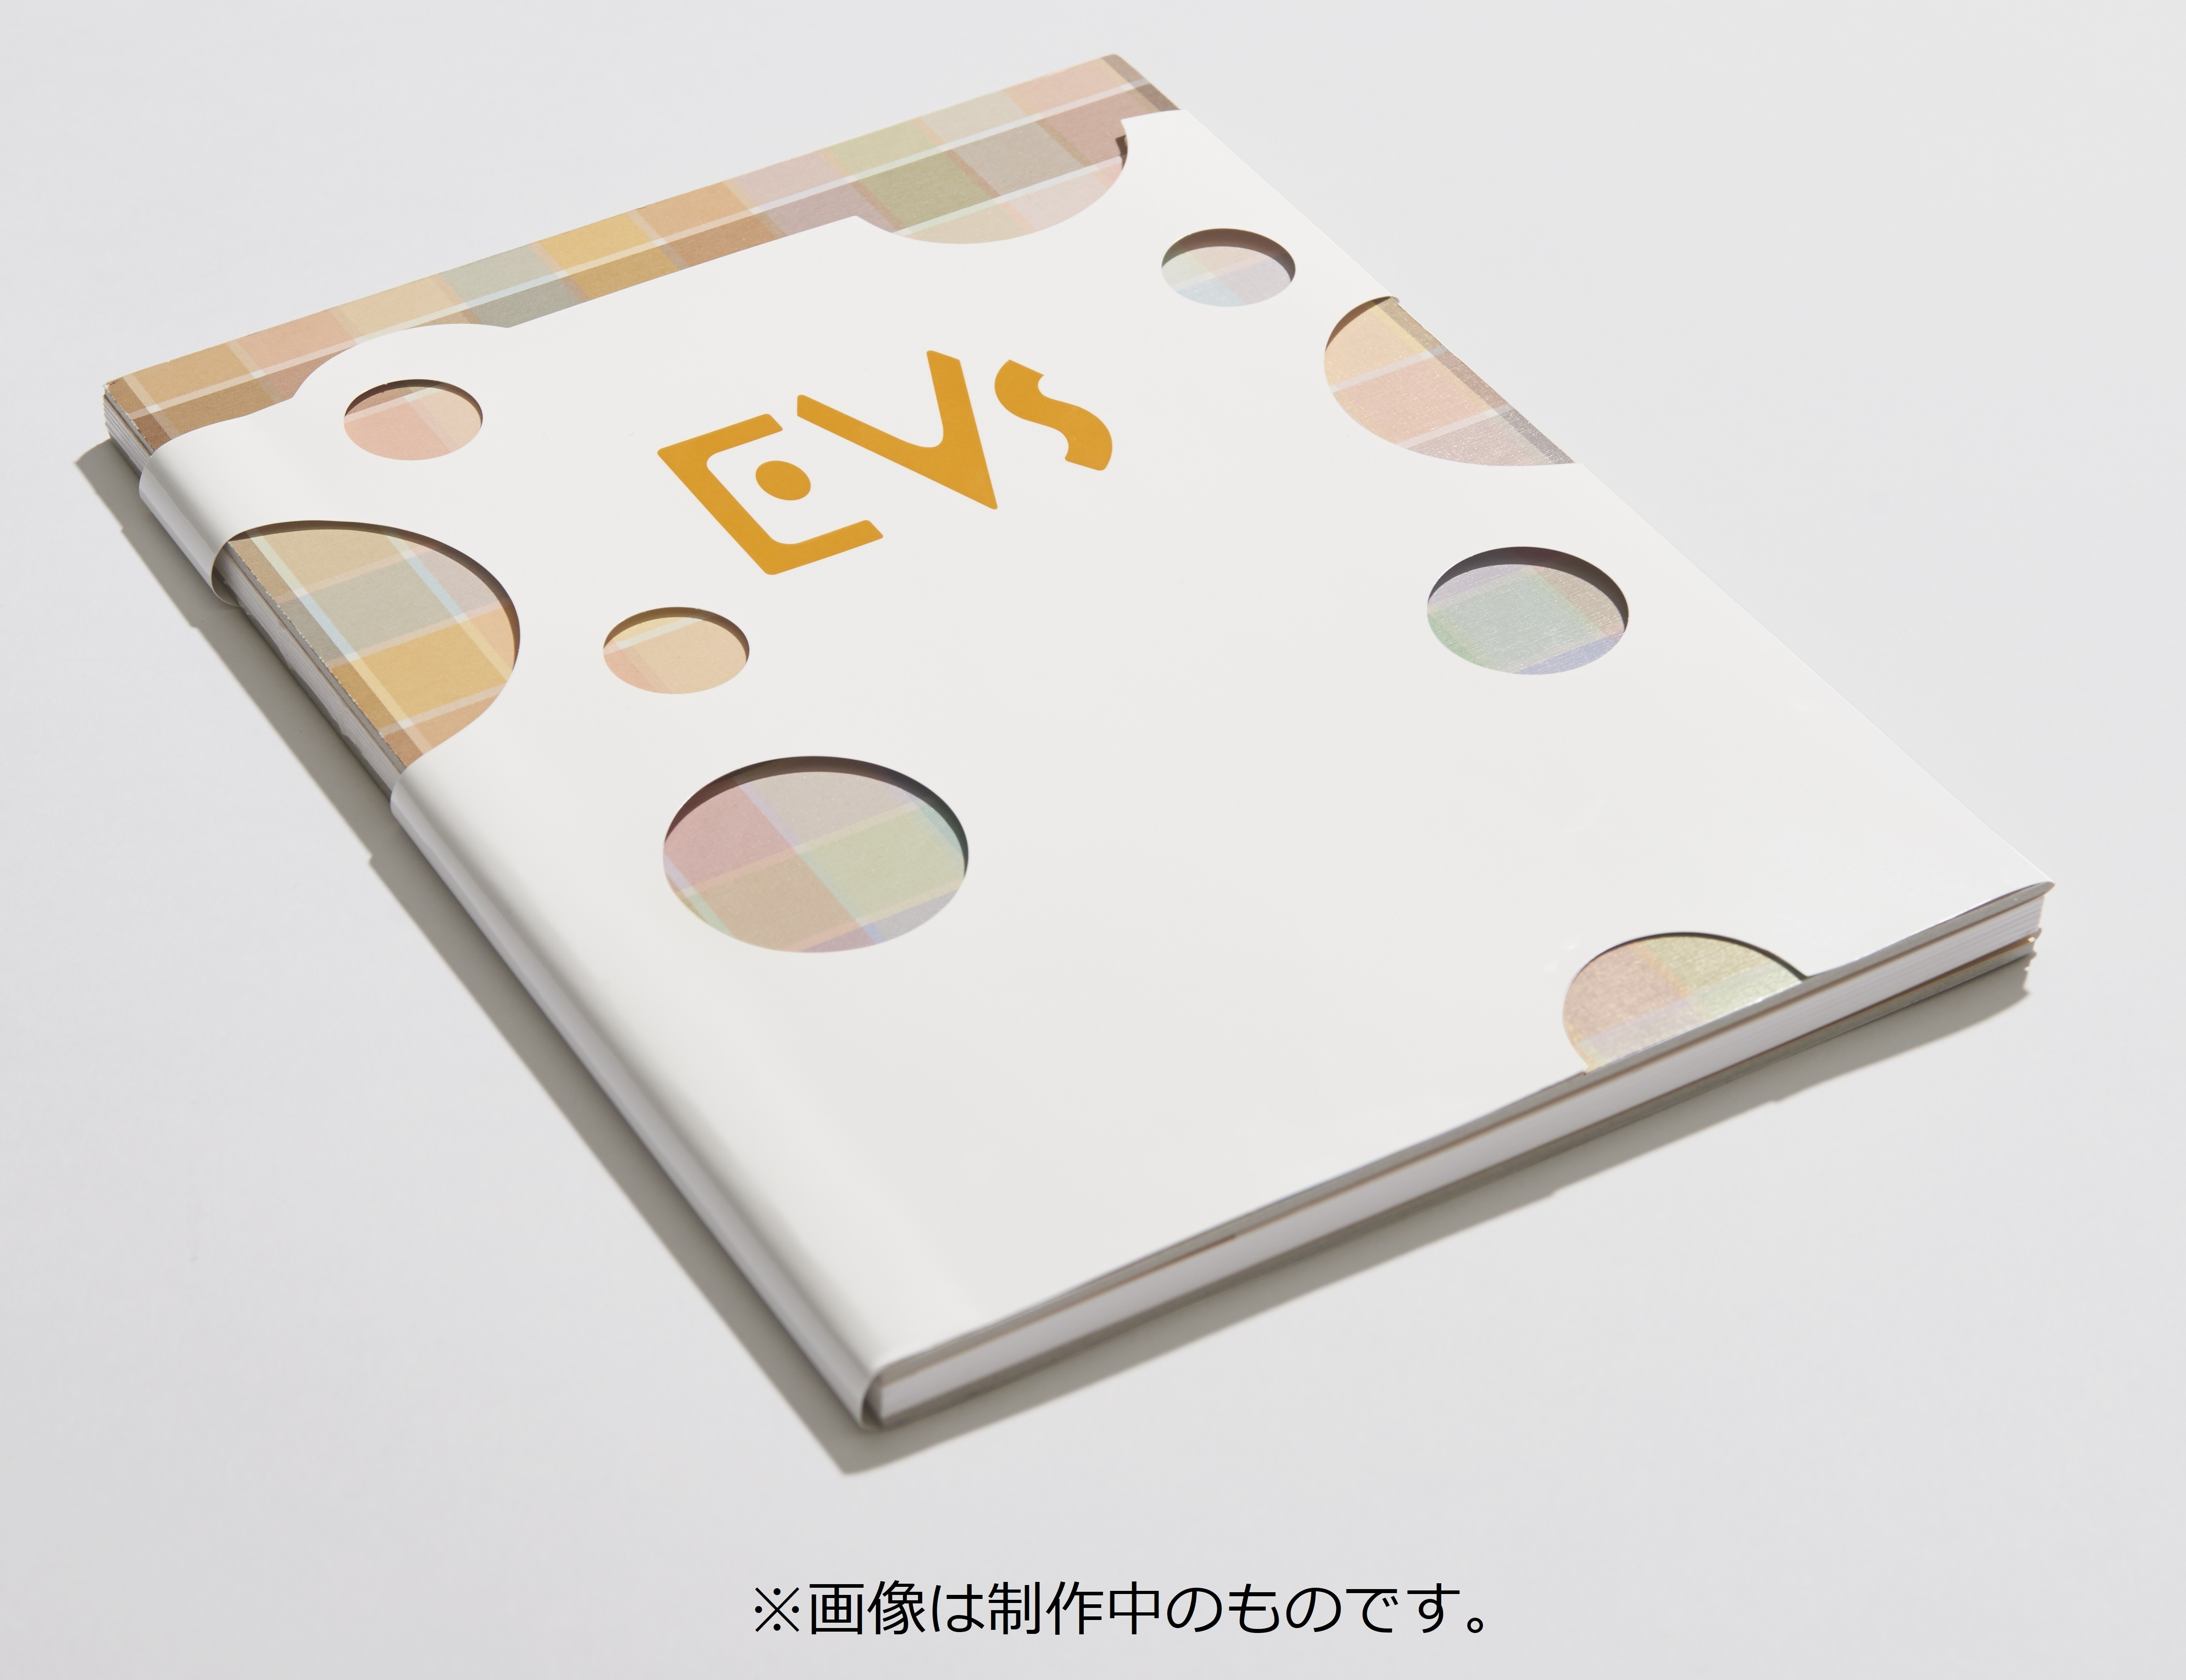 初回限定書籍『EVs(イーブイズ)』会場先行発売/1,500円(税抜)